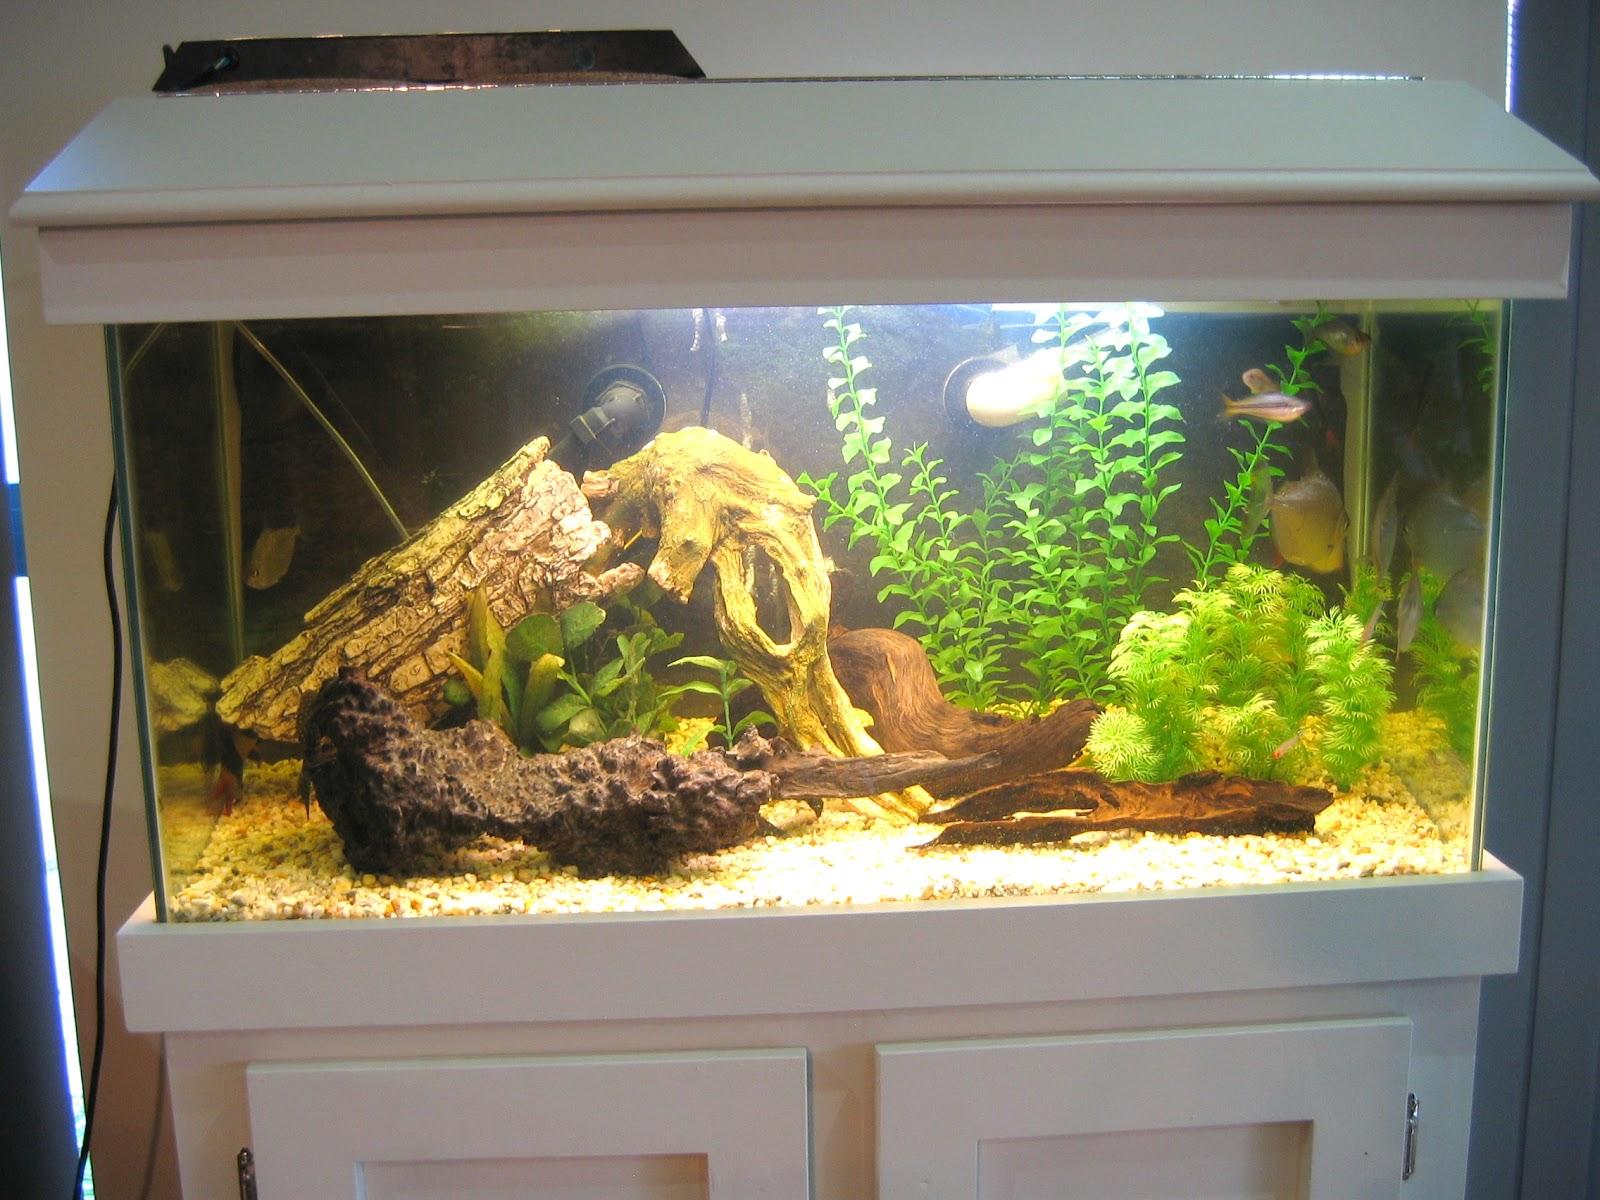 Как сделать аквариум своими руками из стекла: пошаговая инструкция 73